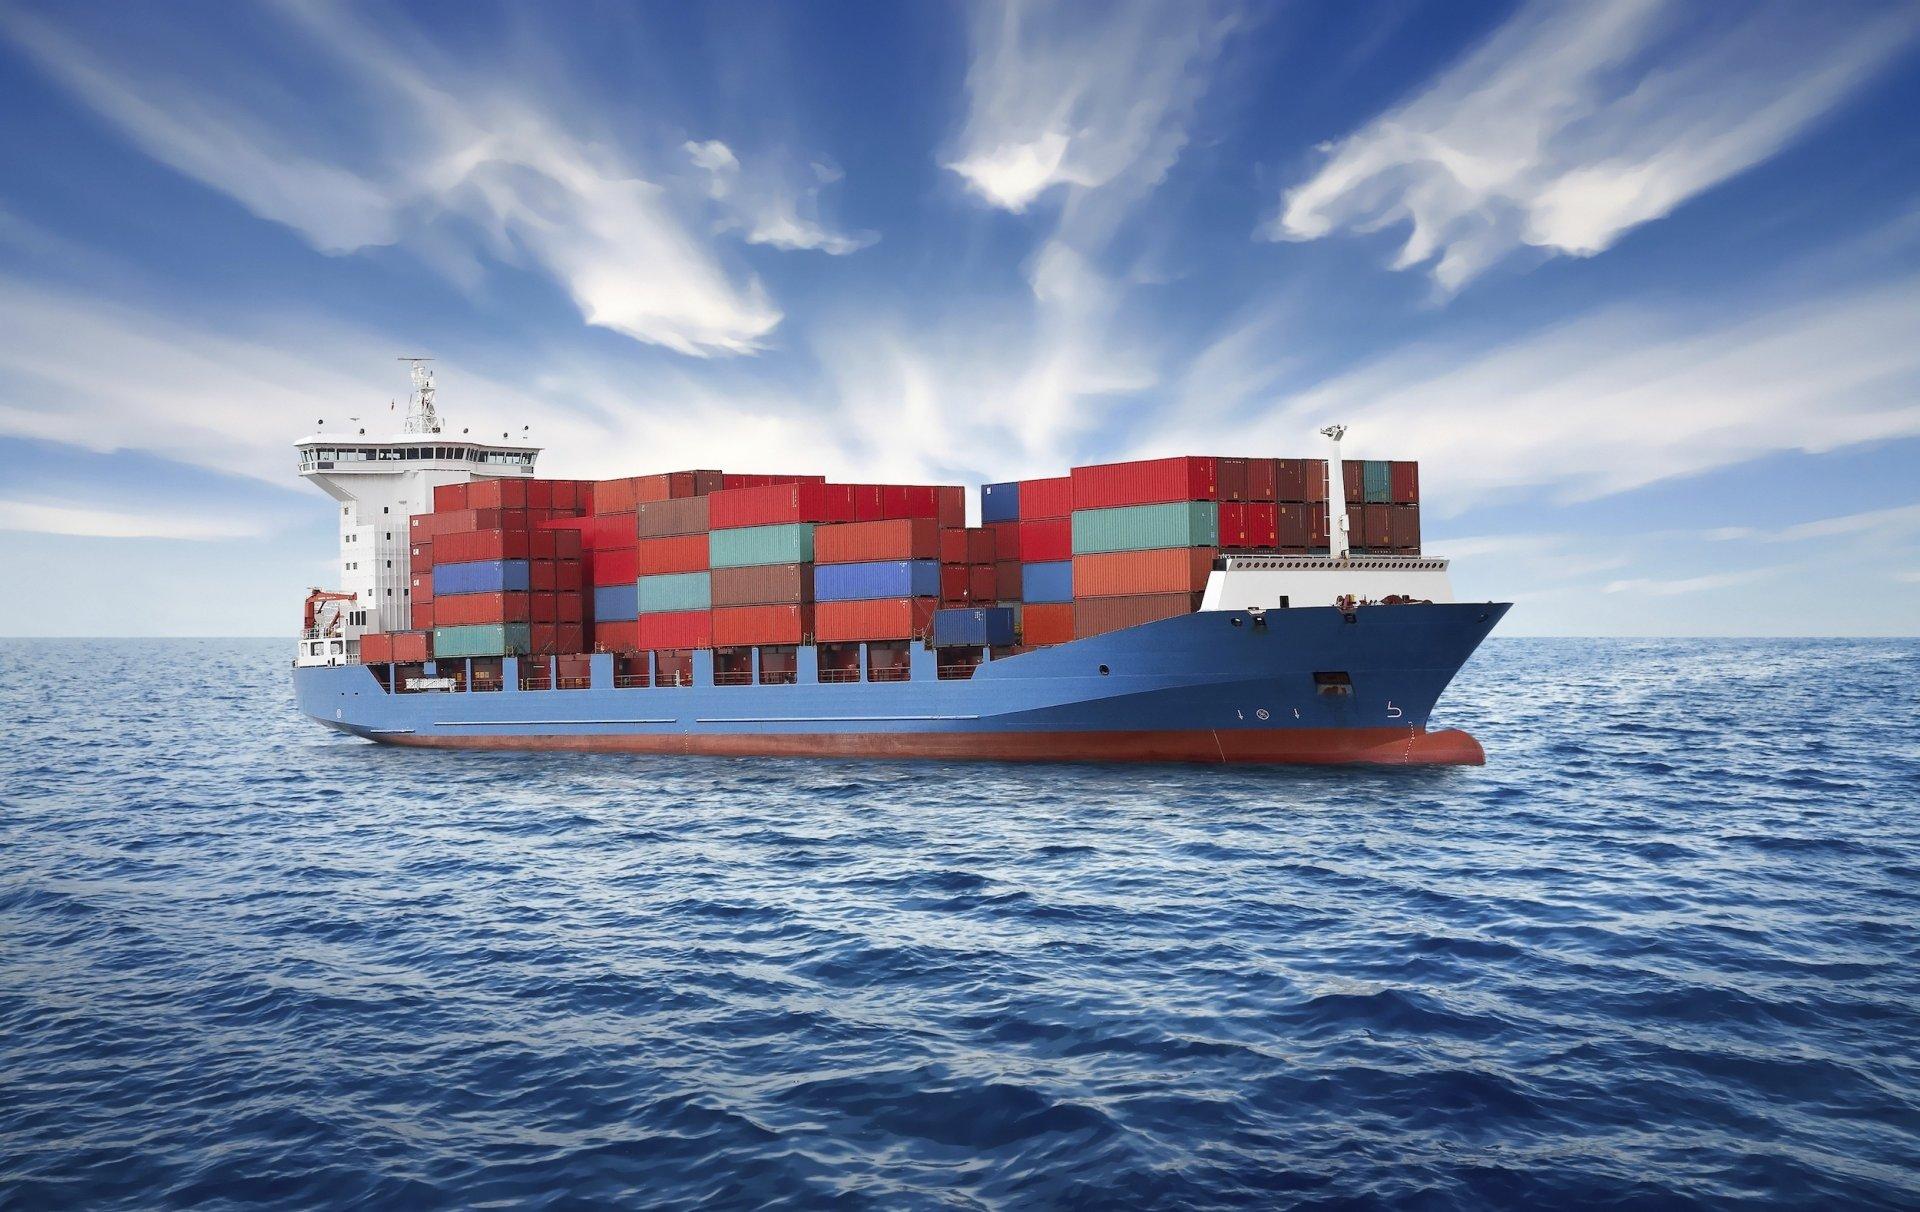 житомире картинки торговых судов бесплатно широкоформатные обои